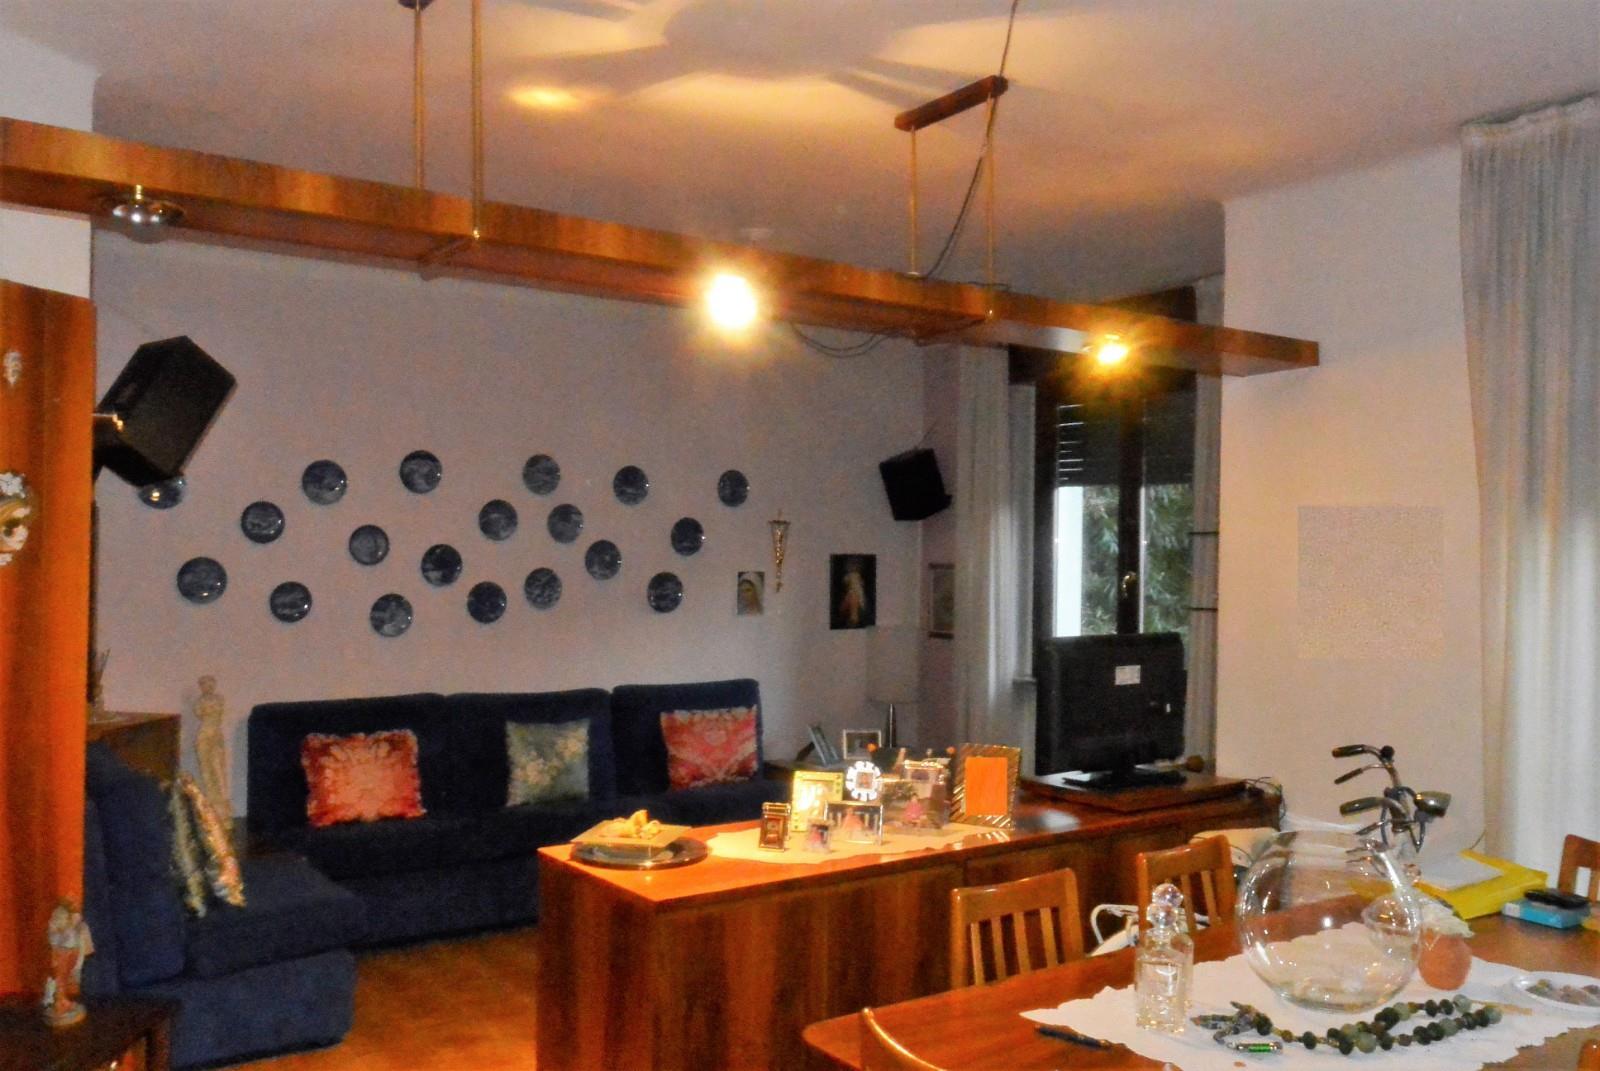 Foto 10 - Appartamento in Vendita - Meda (Monza e Brianza)